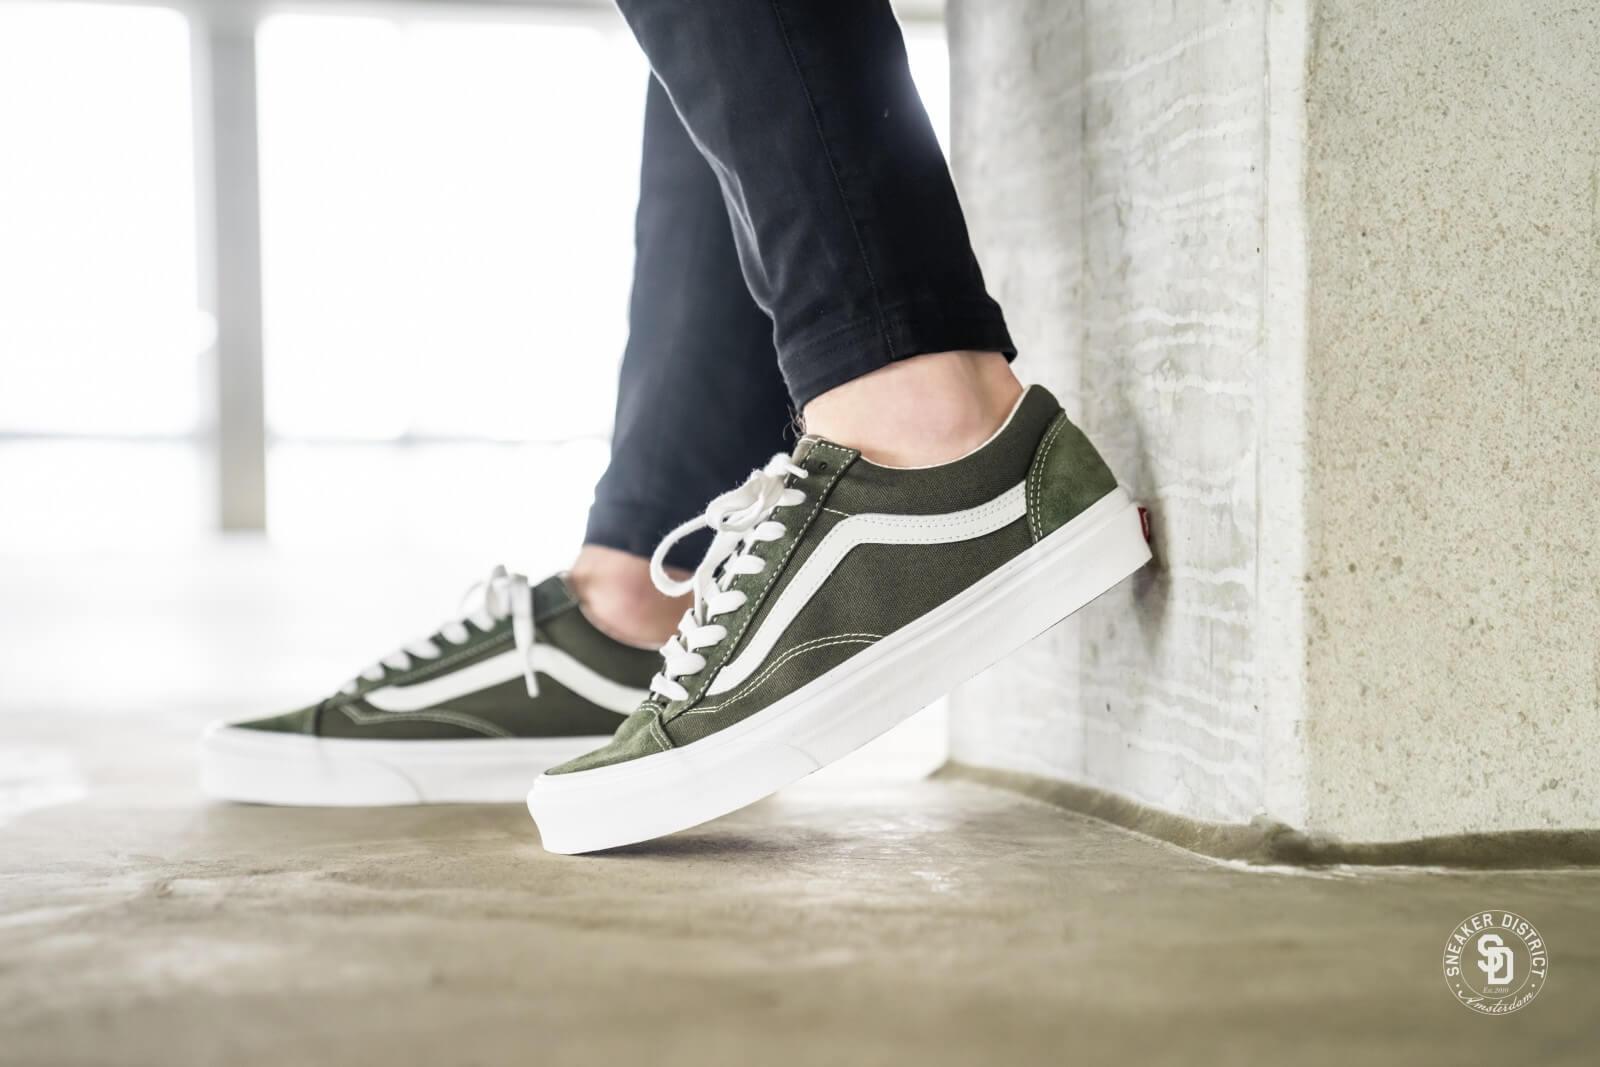 Vans Style 36 Shoes – KhakiBlanc de Blanc